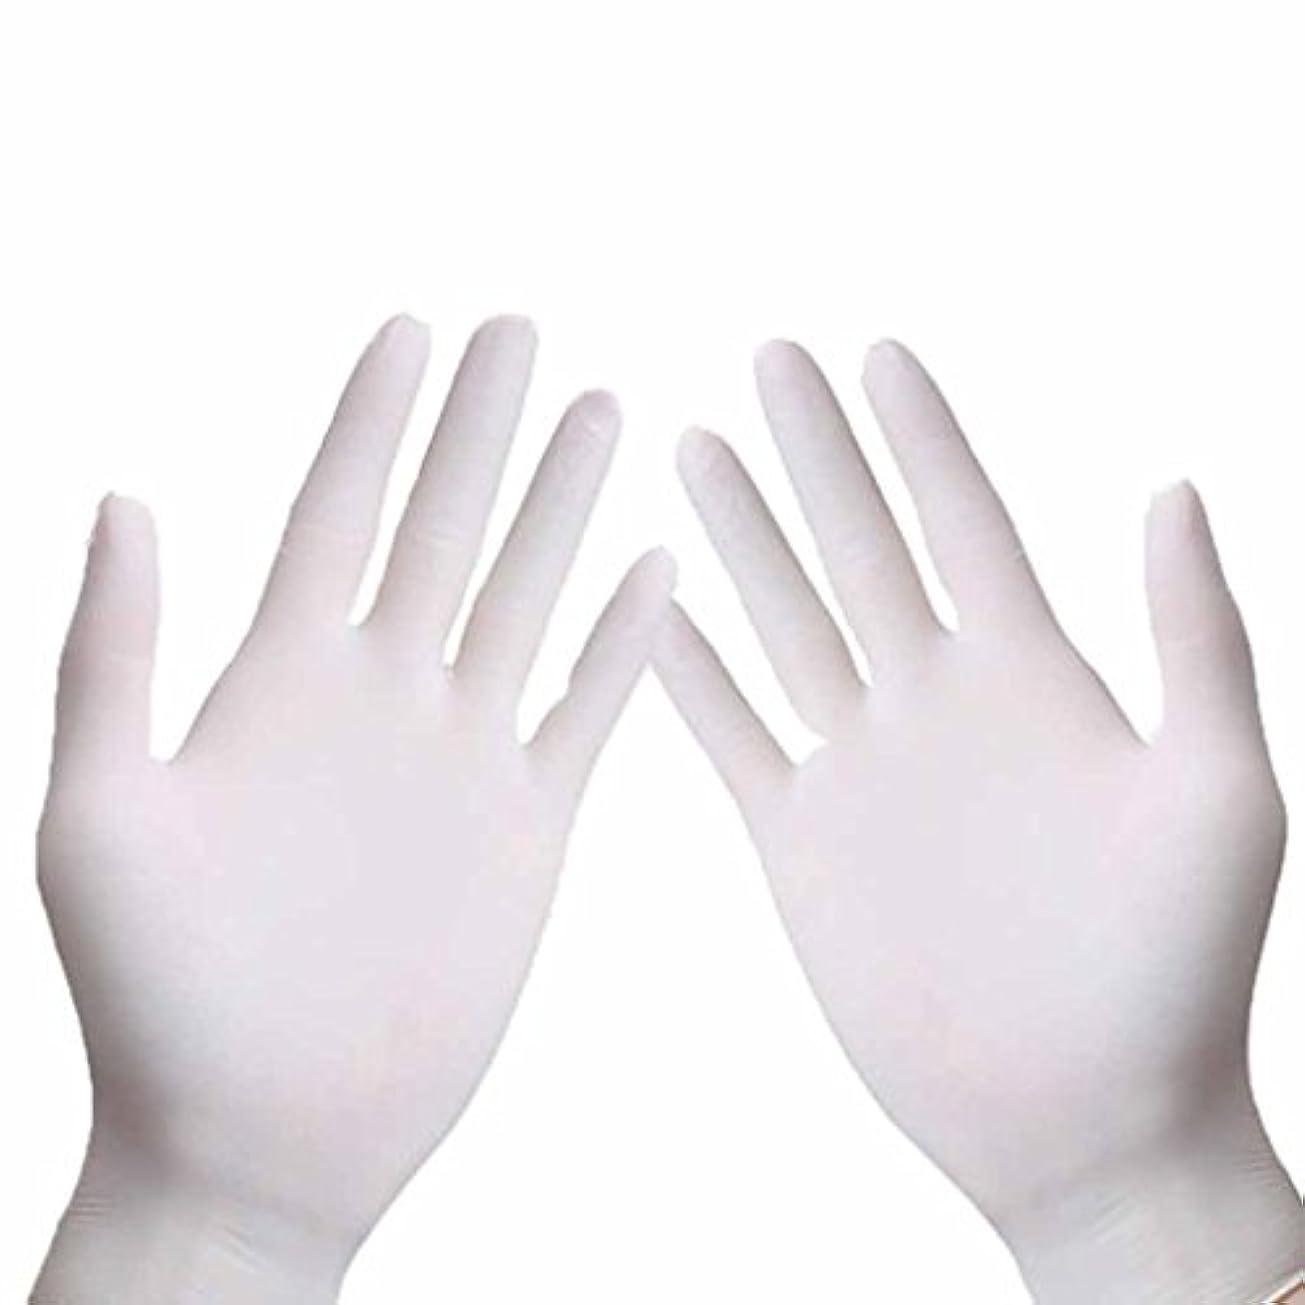 太平洋諸島リル擬人化使い捨て手袋 食品グレードラテックス使い捨て手袋弾性耐久防水および防汚手袋 (Size : M)